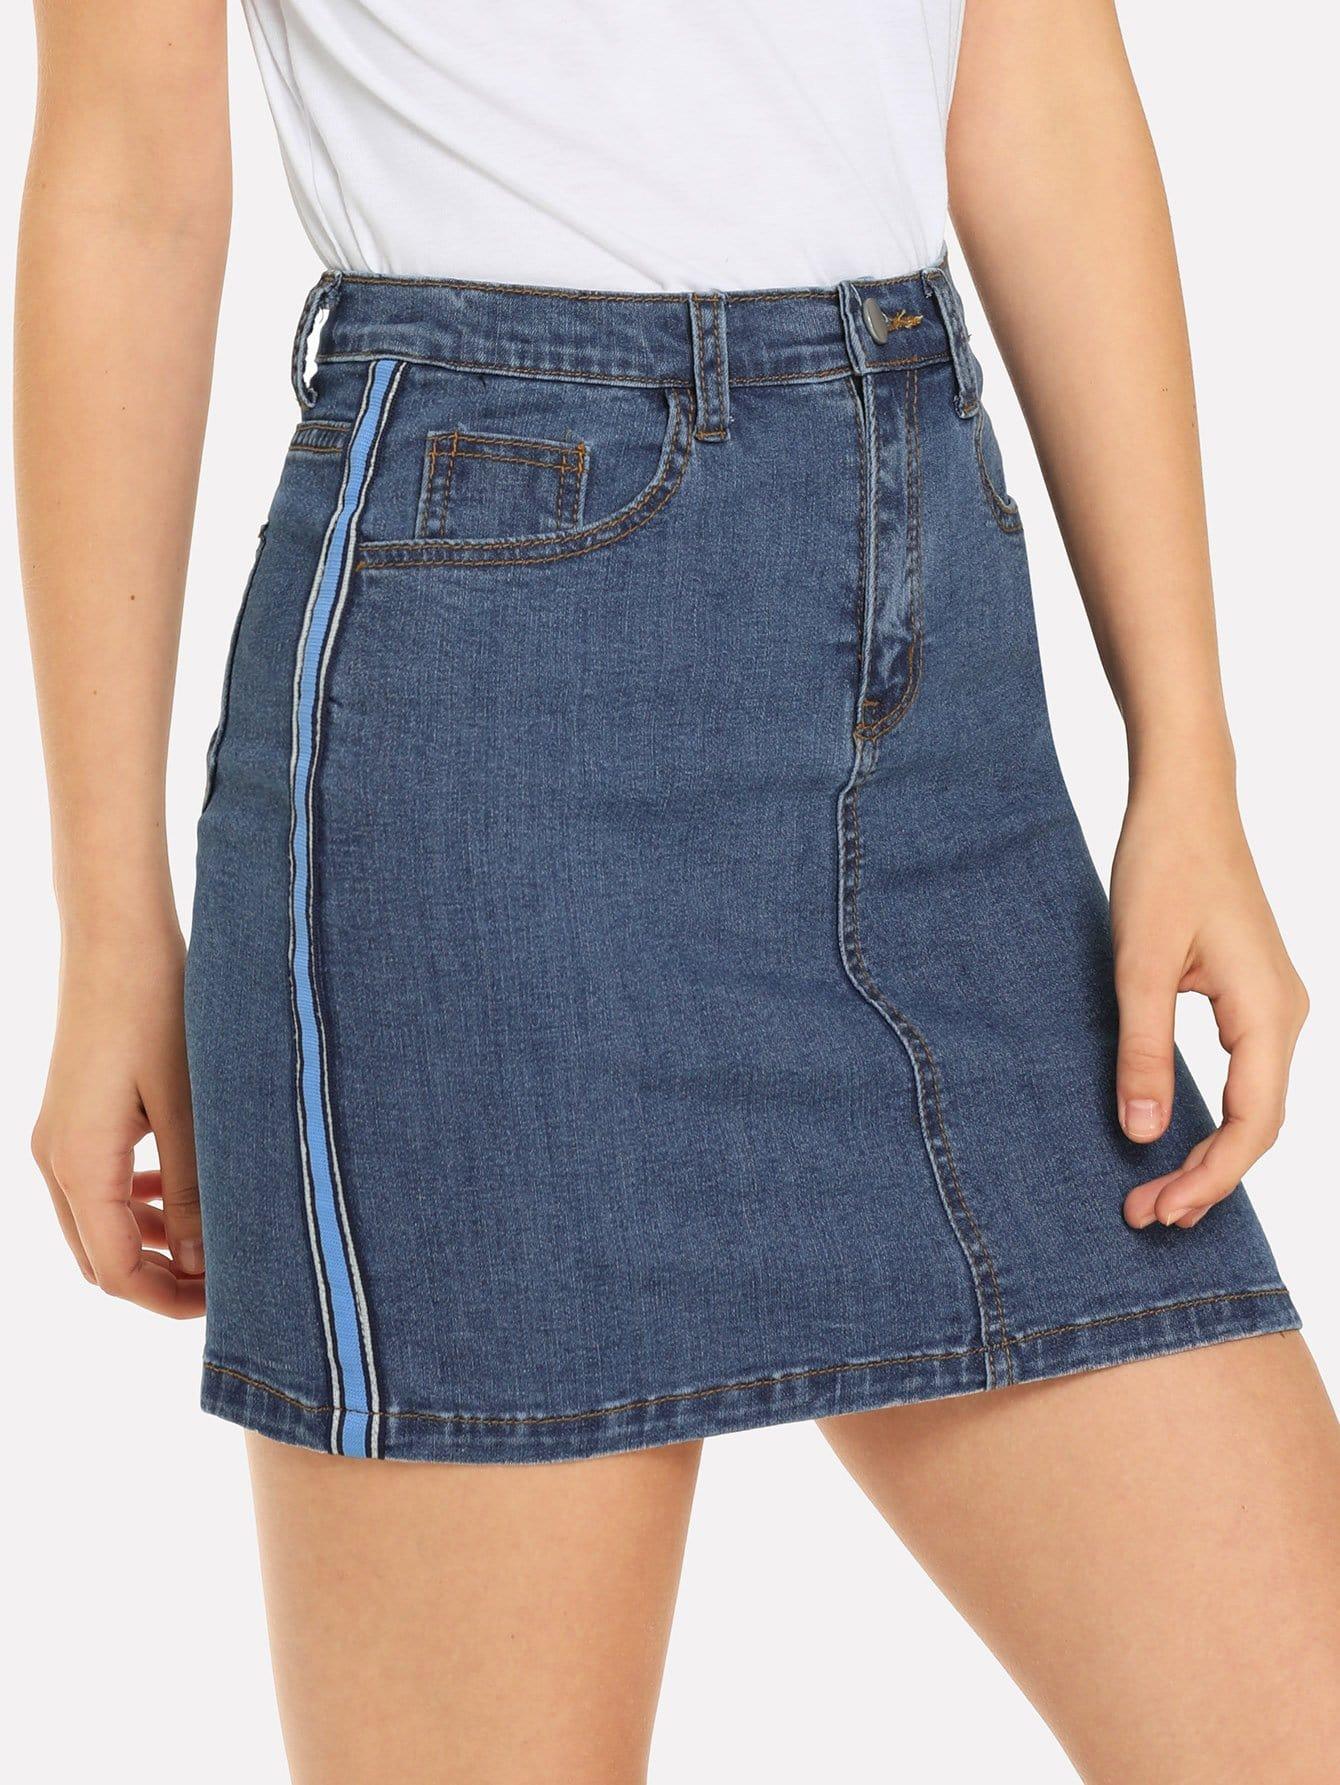 Купить Джинсовая юбка и со симметрическими полосами, Teresa, SheIn